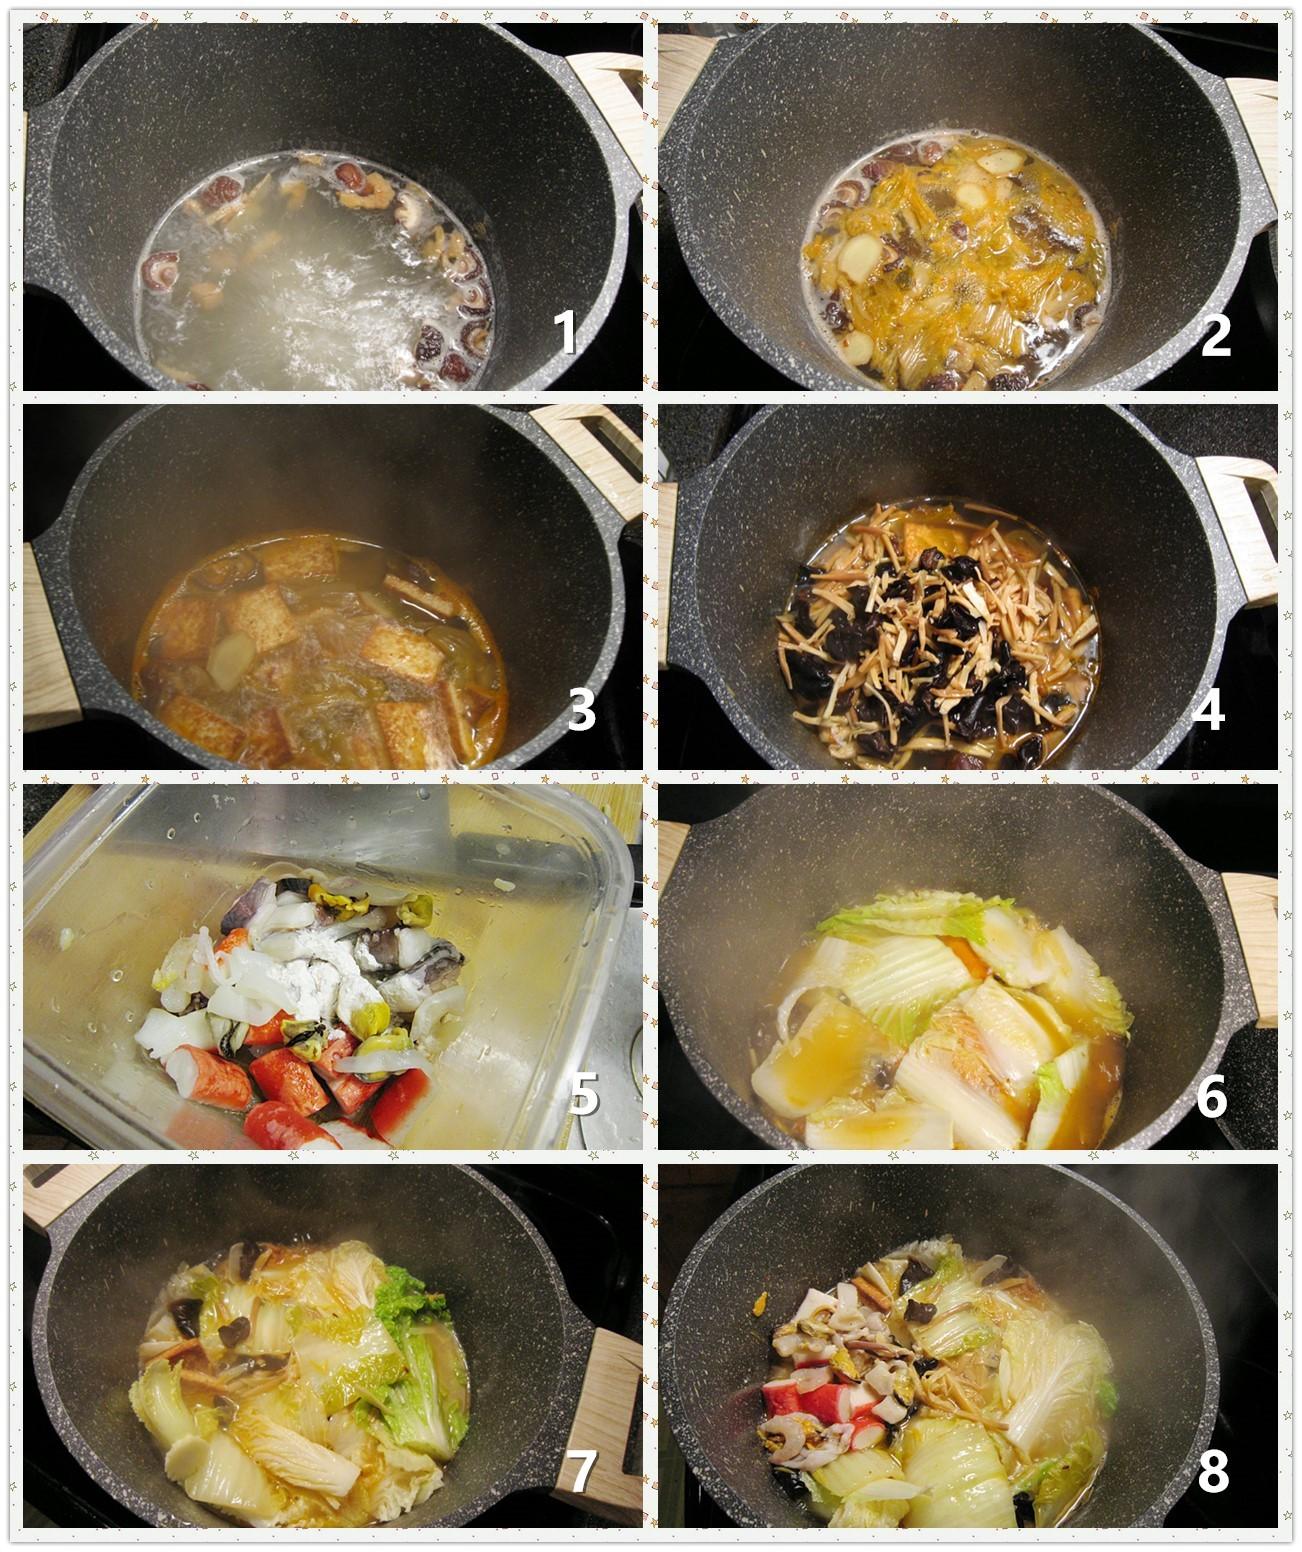 海鲜白菜煲_图1-2